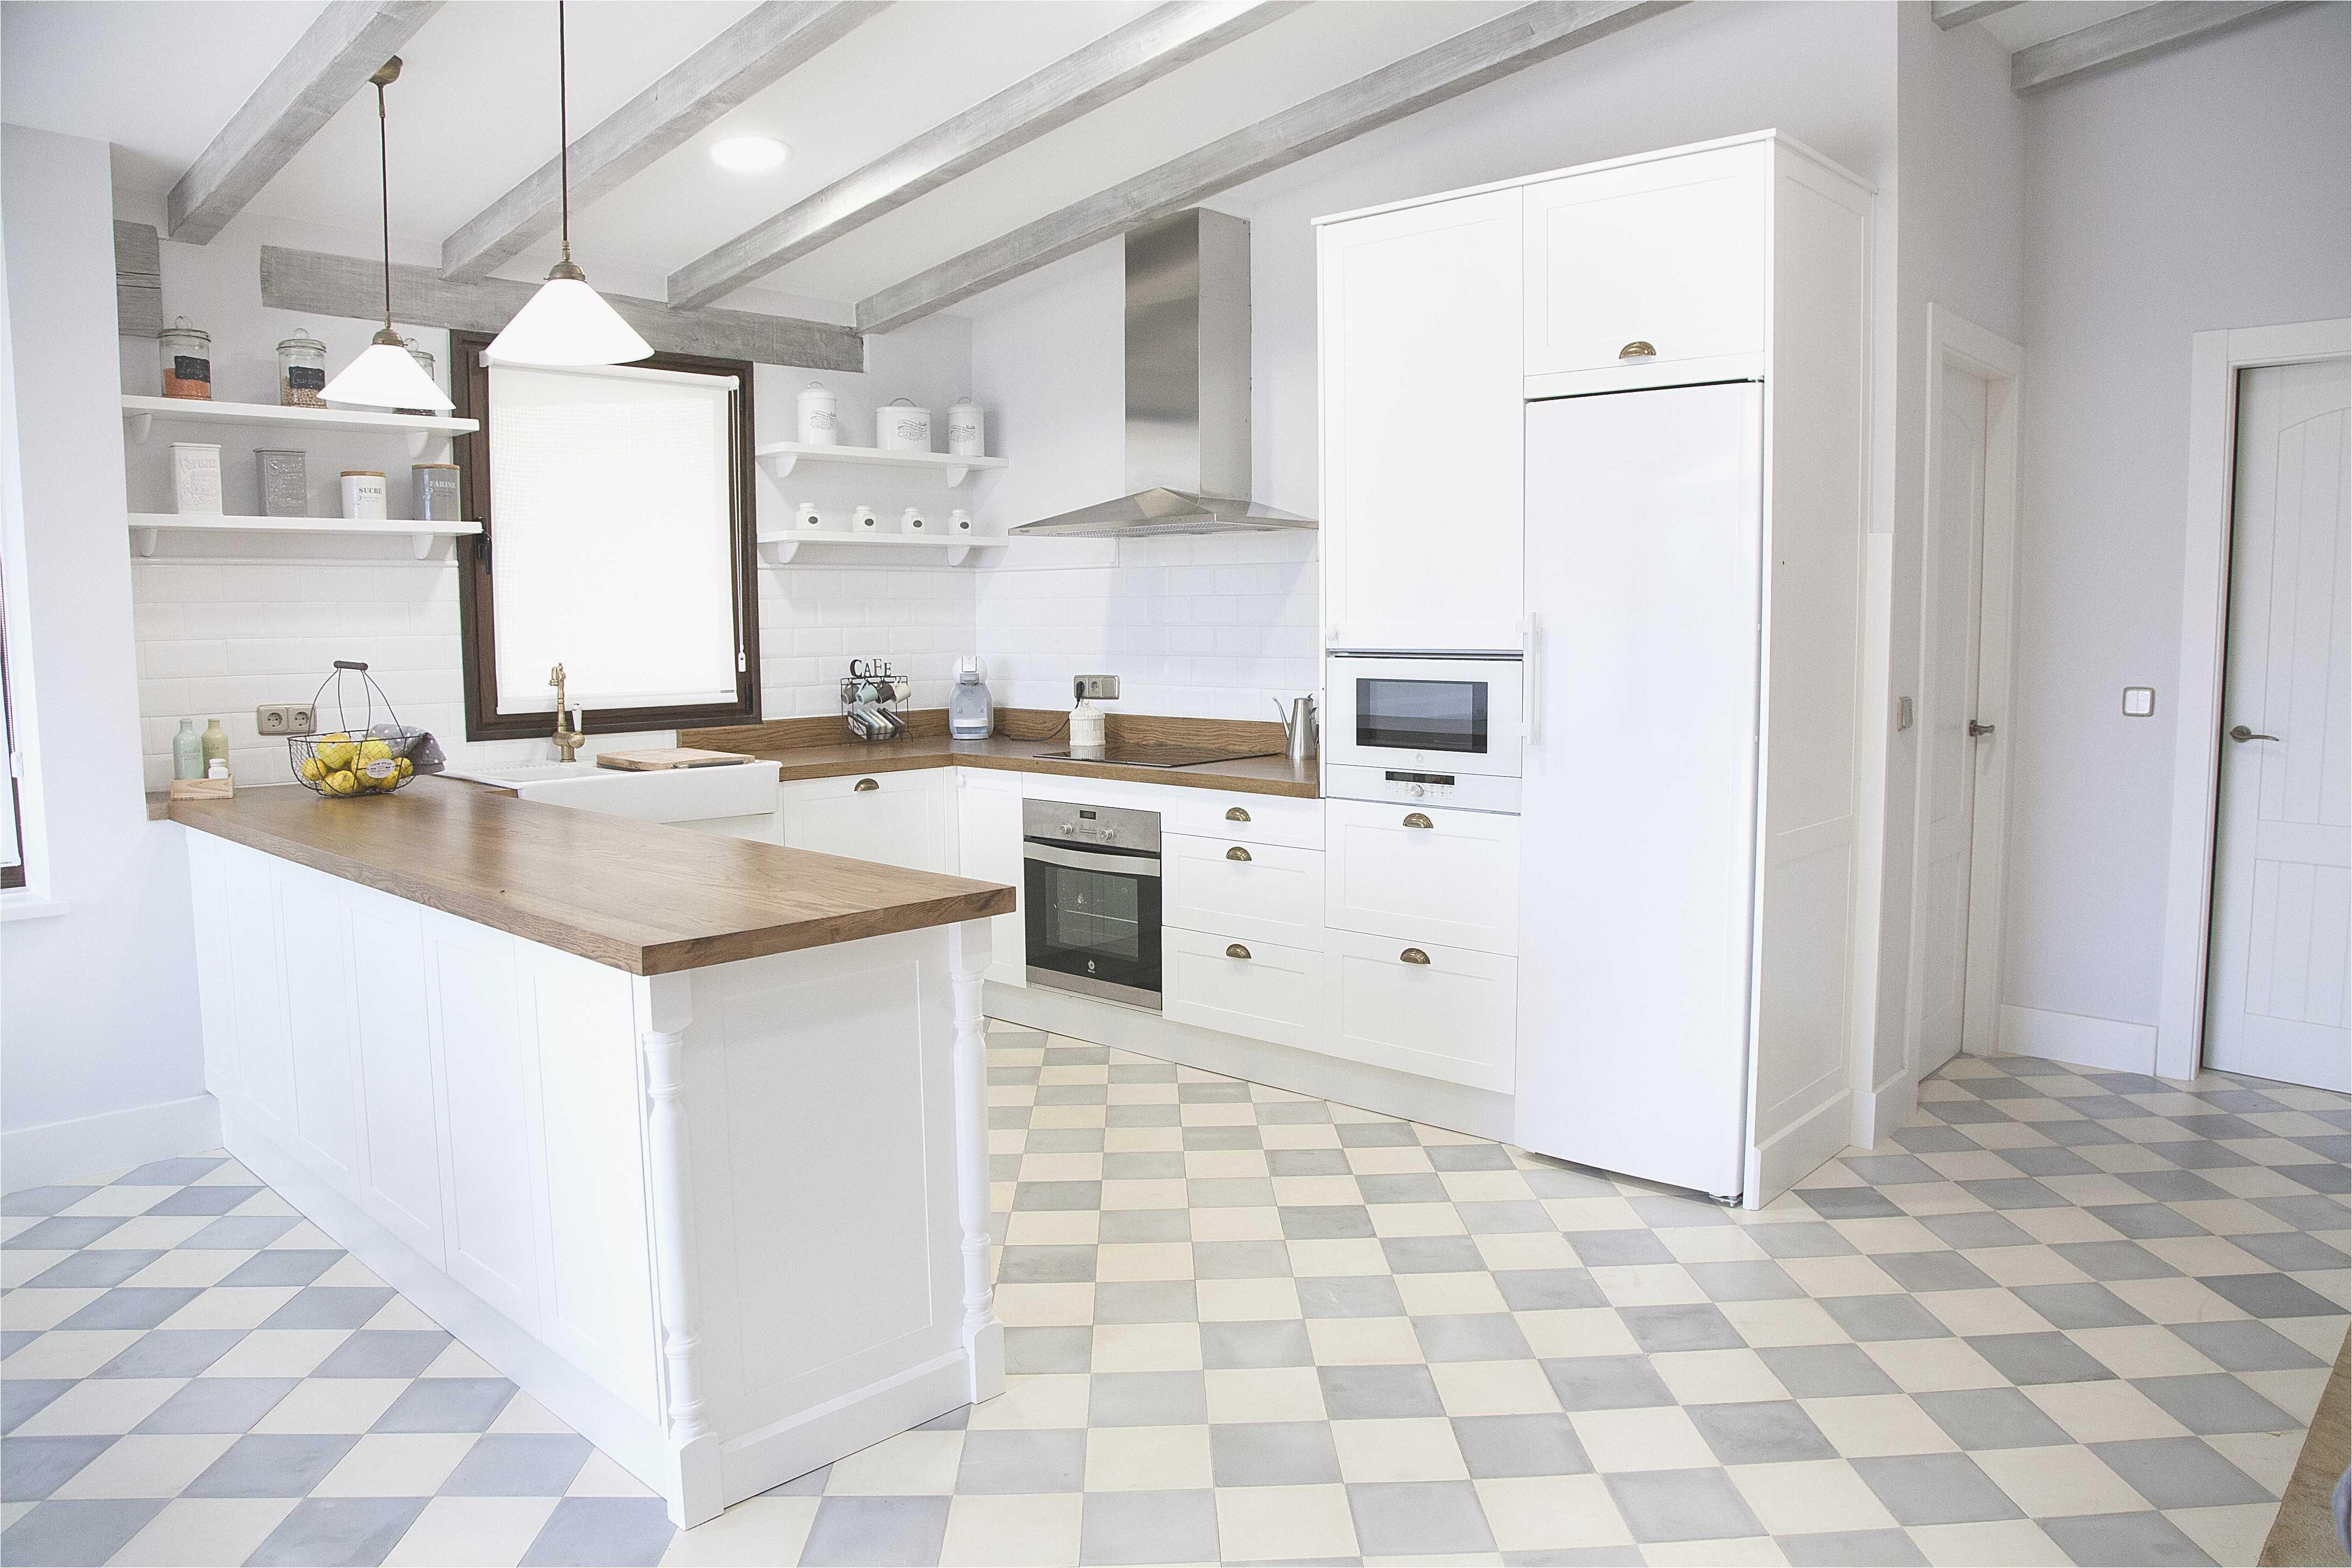 Diseños De Cocinas Pequeñas Modernas Y Sencillas | AdinaPorter